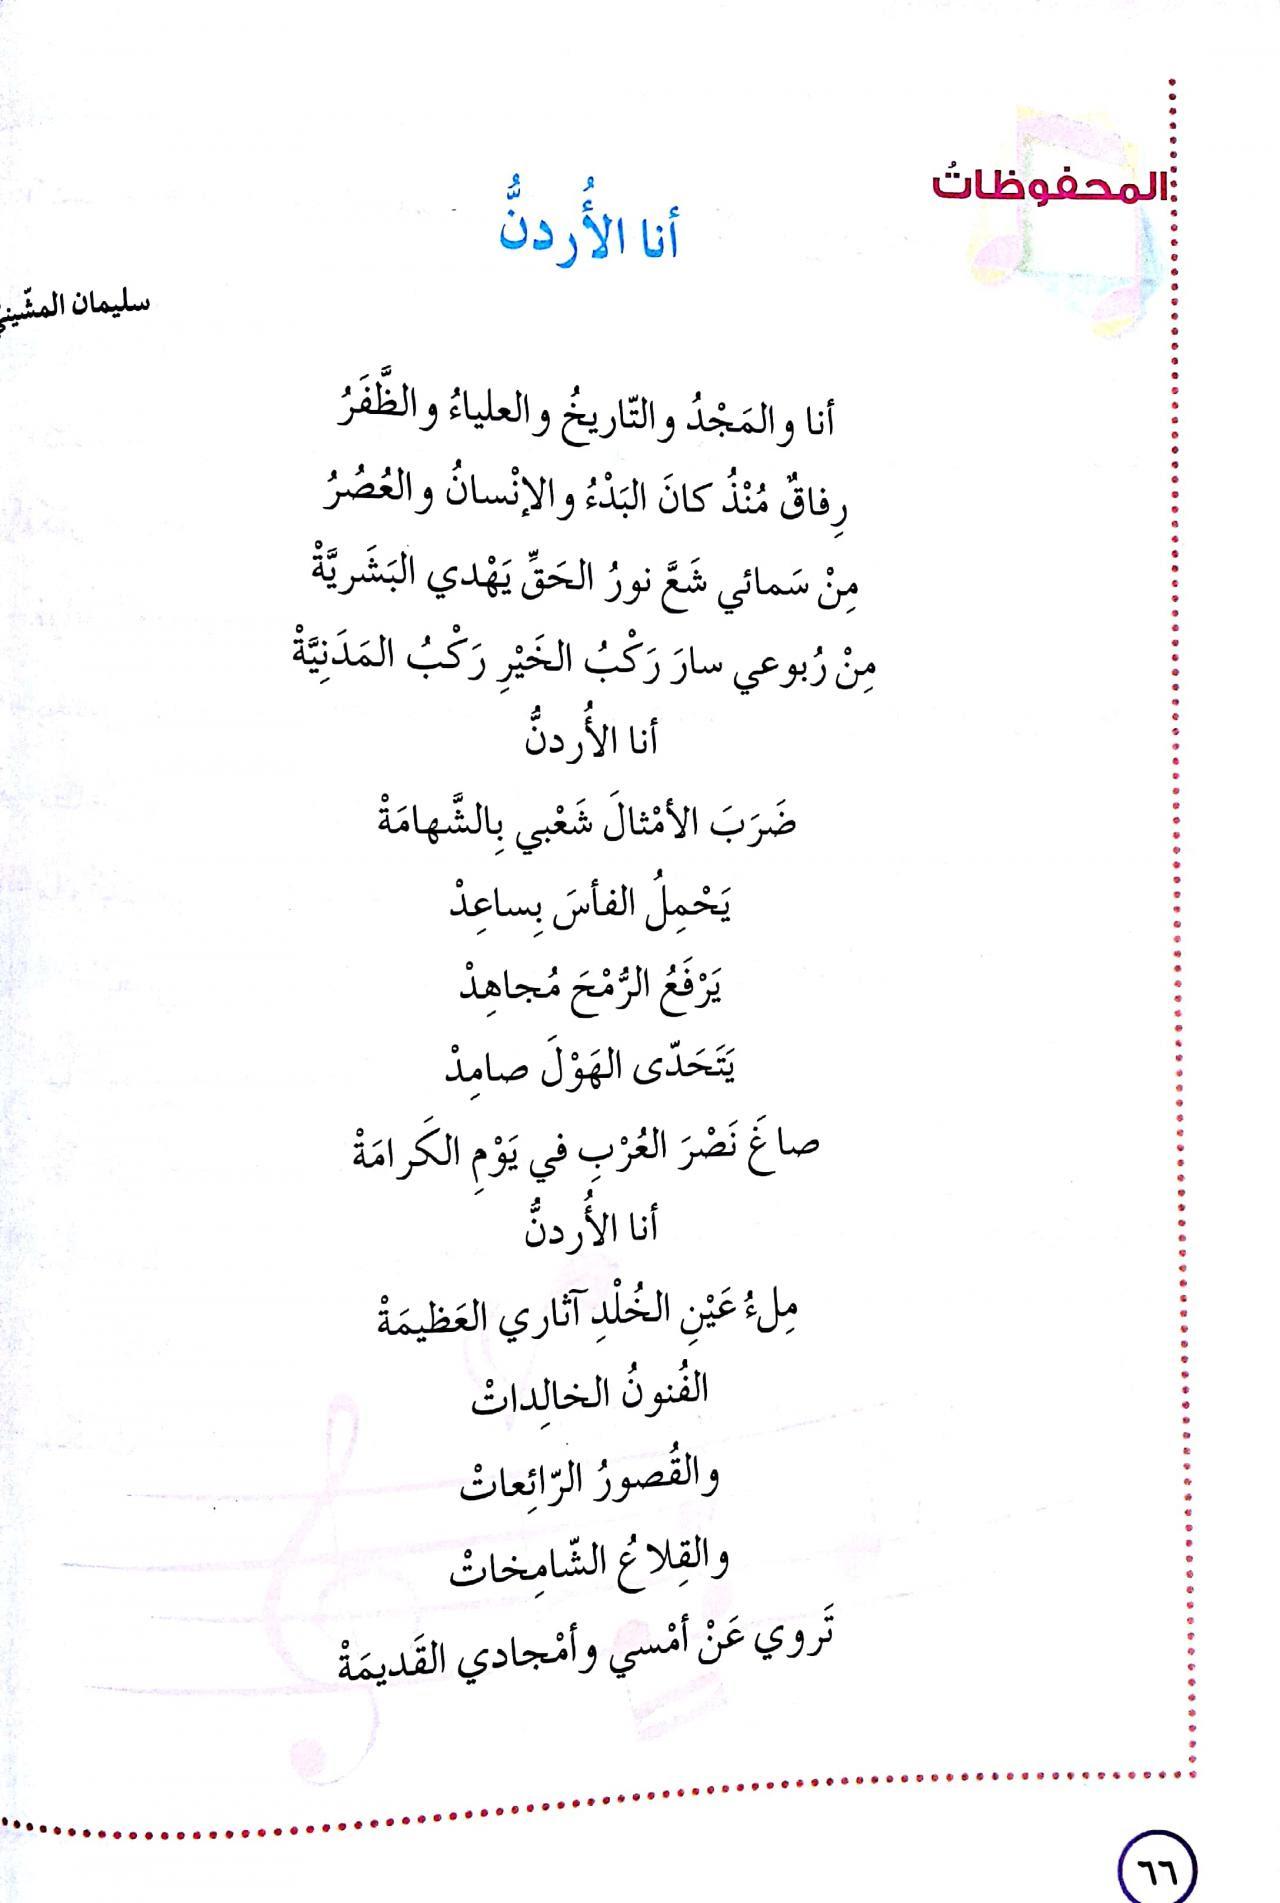 شعر للاذاعة المدرسية عن الوطن الاردن Shaer Blog